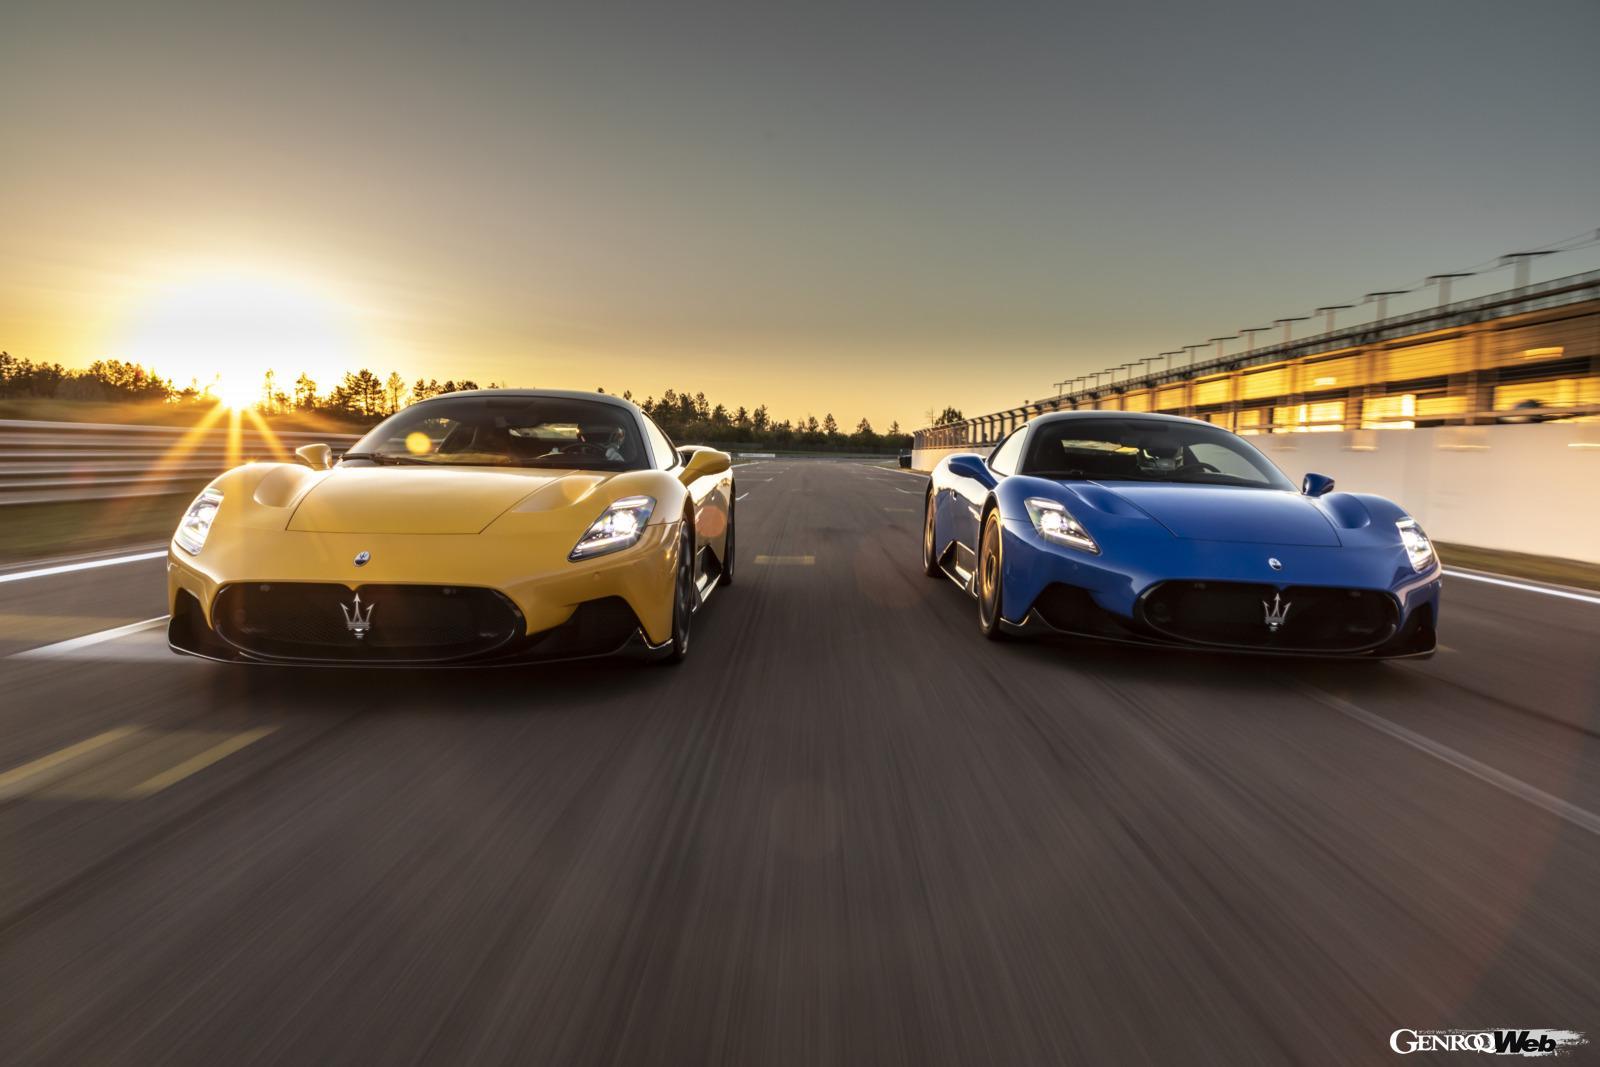 マセラティ MC20に最速試乗! 最新イタリアンスーパーカーのハイレベルな完成度に渡辺慎太郎も脱帽